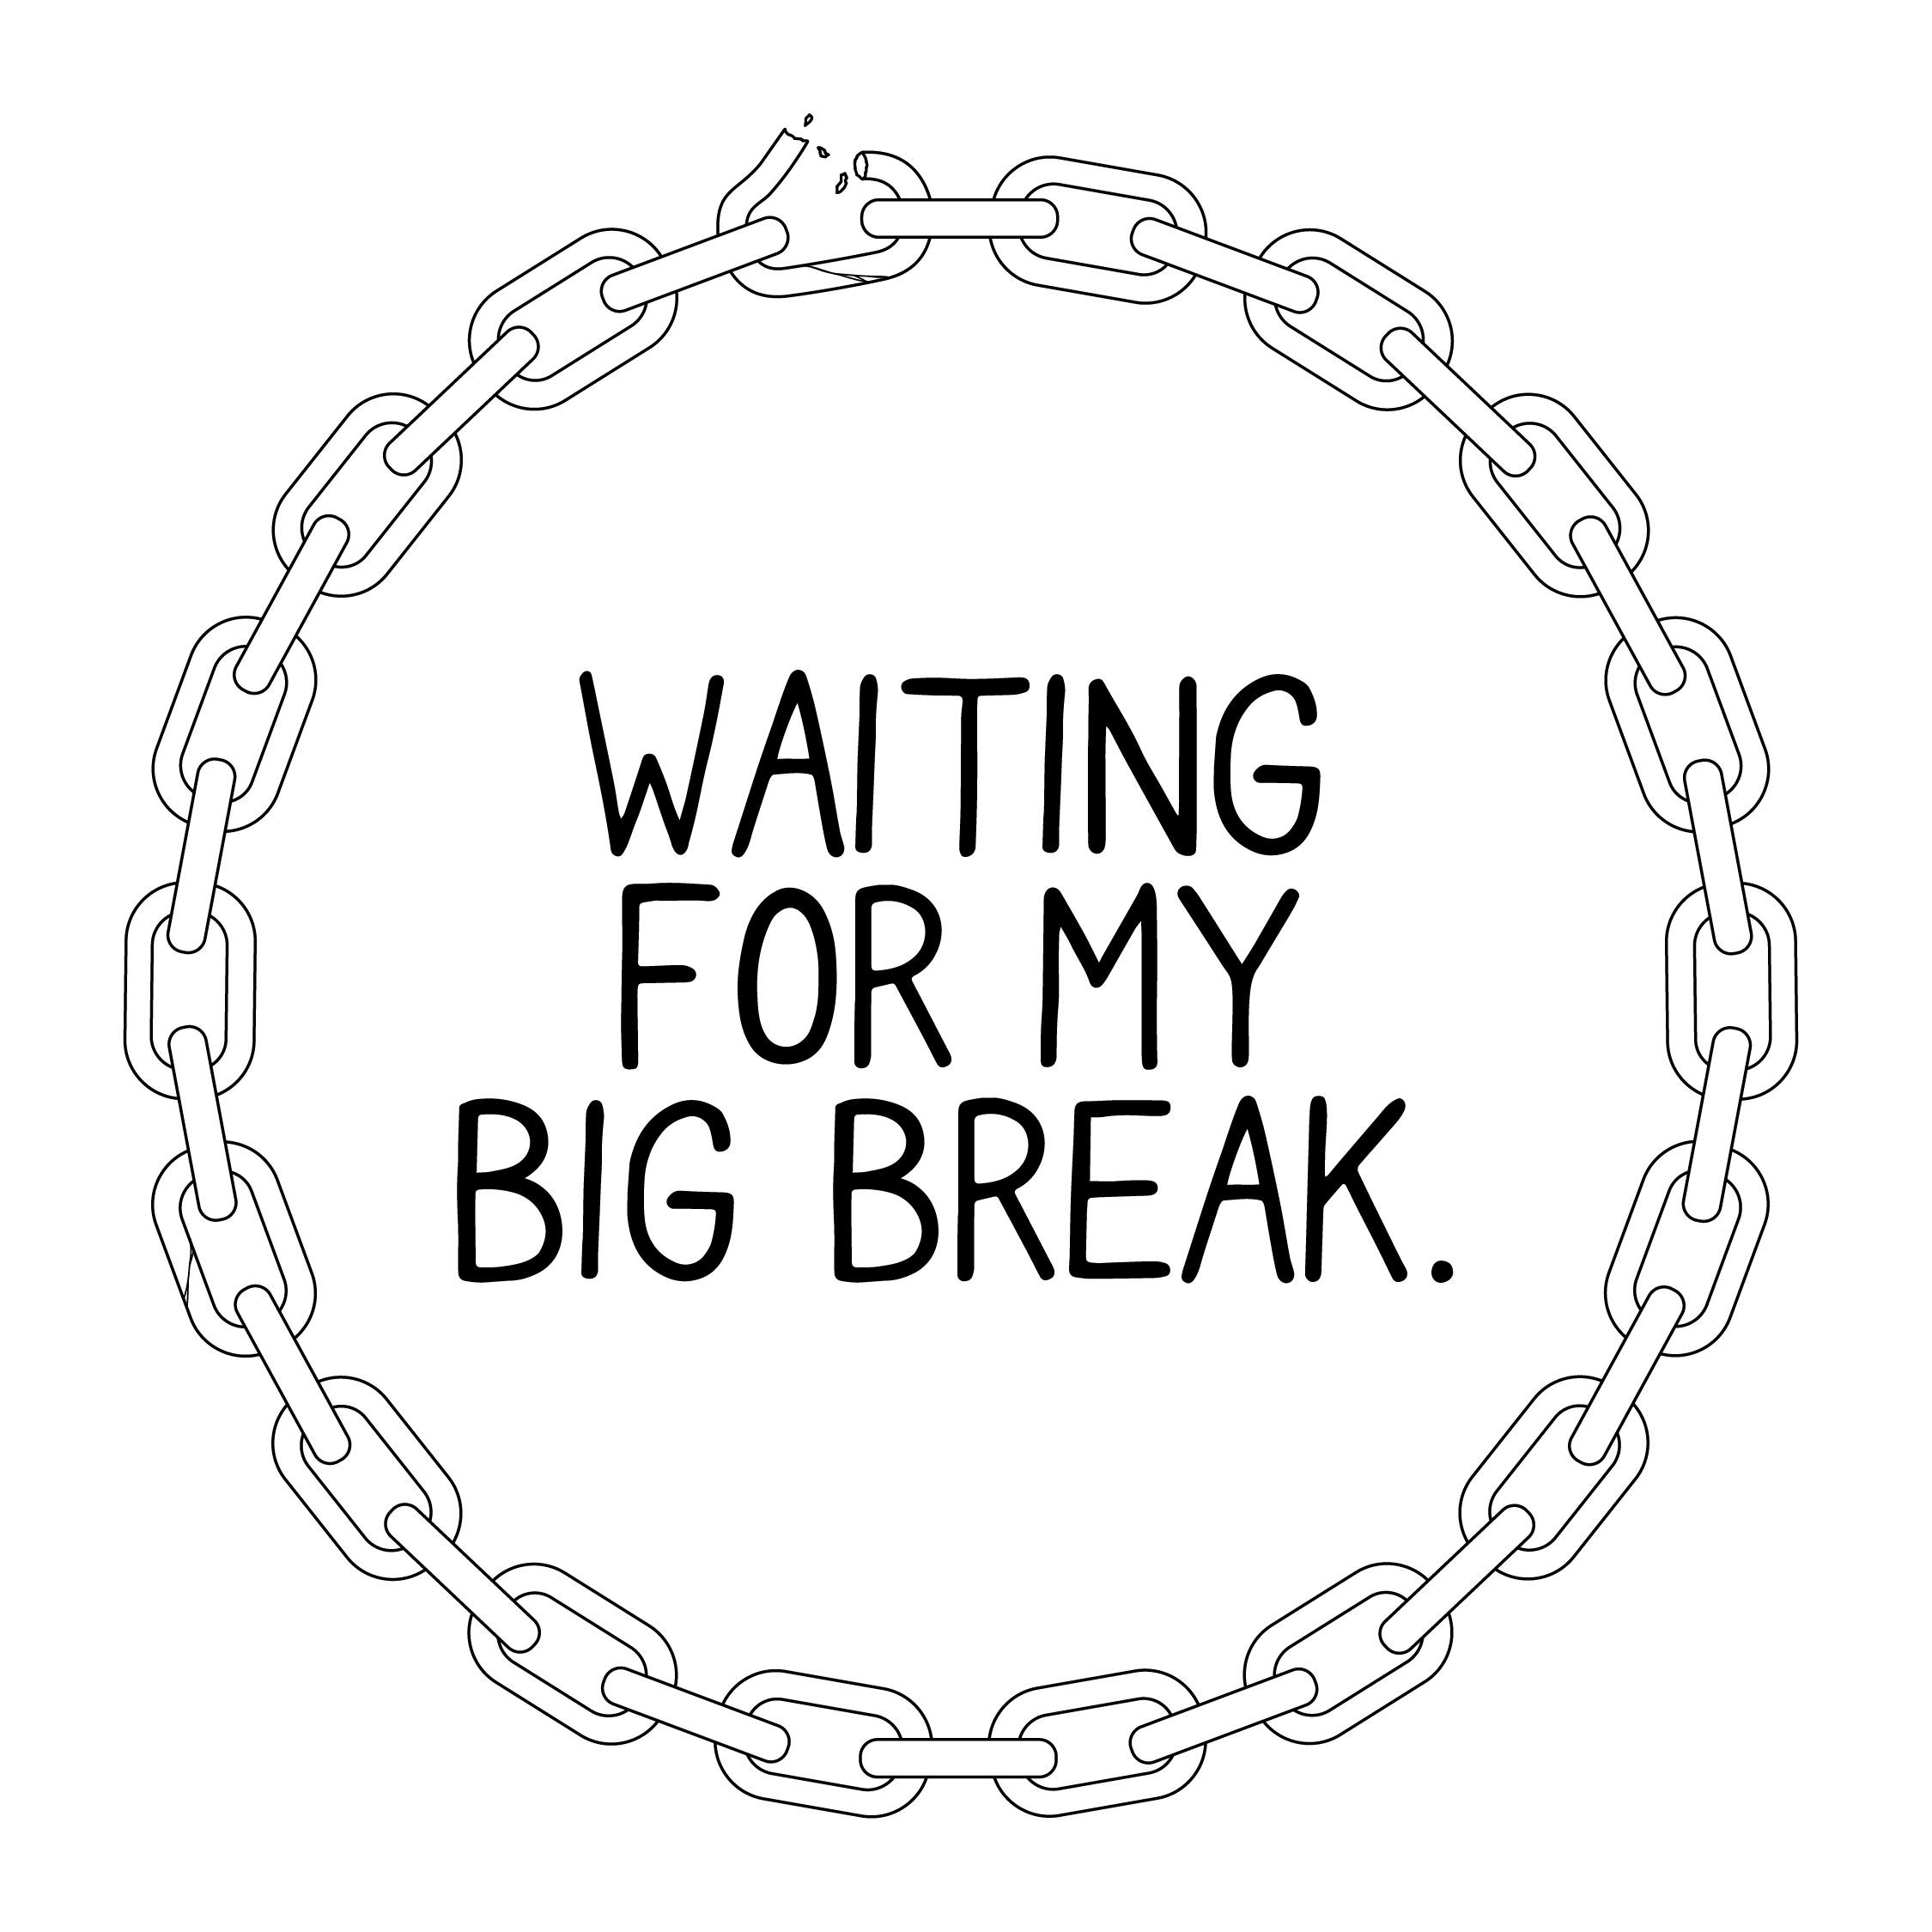 bigbreak-01.jpg